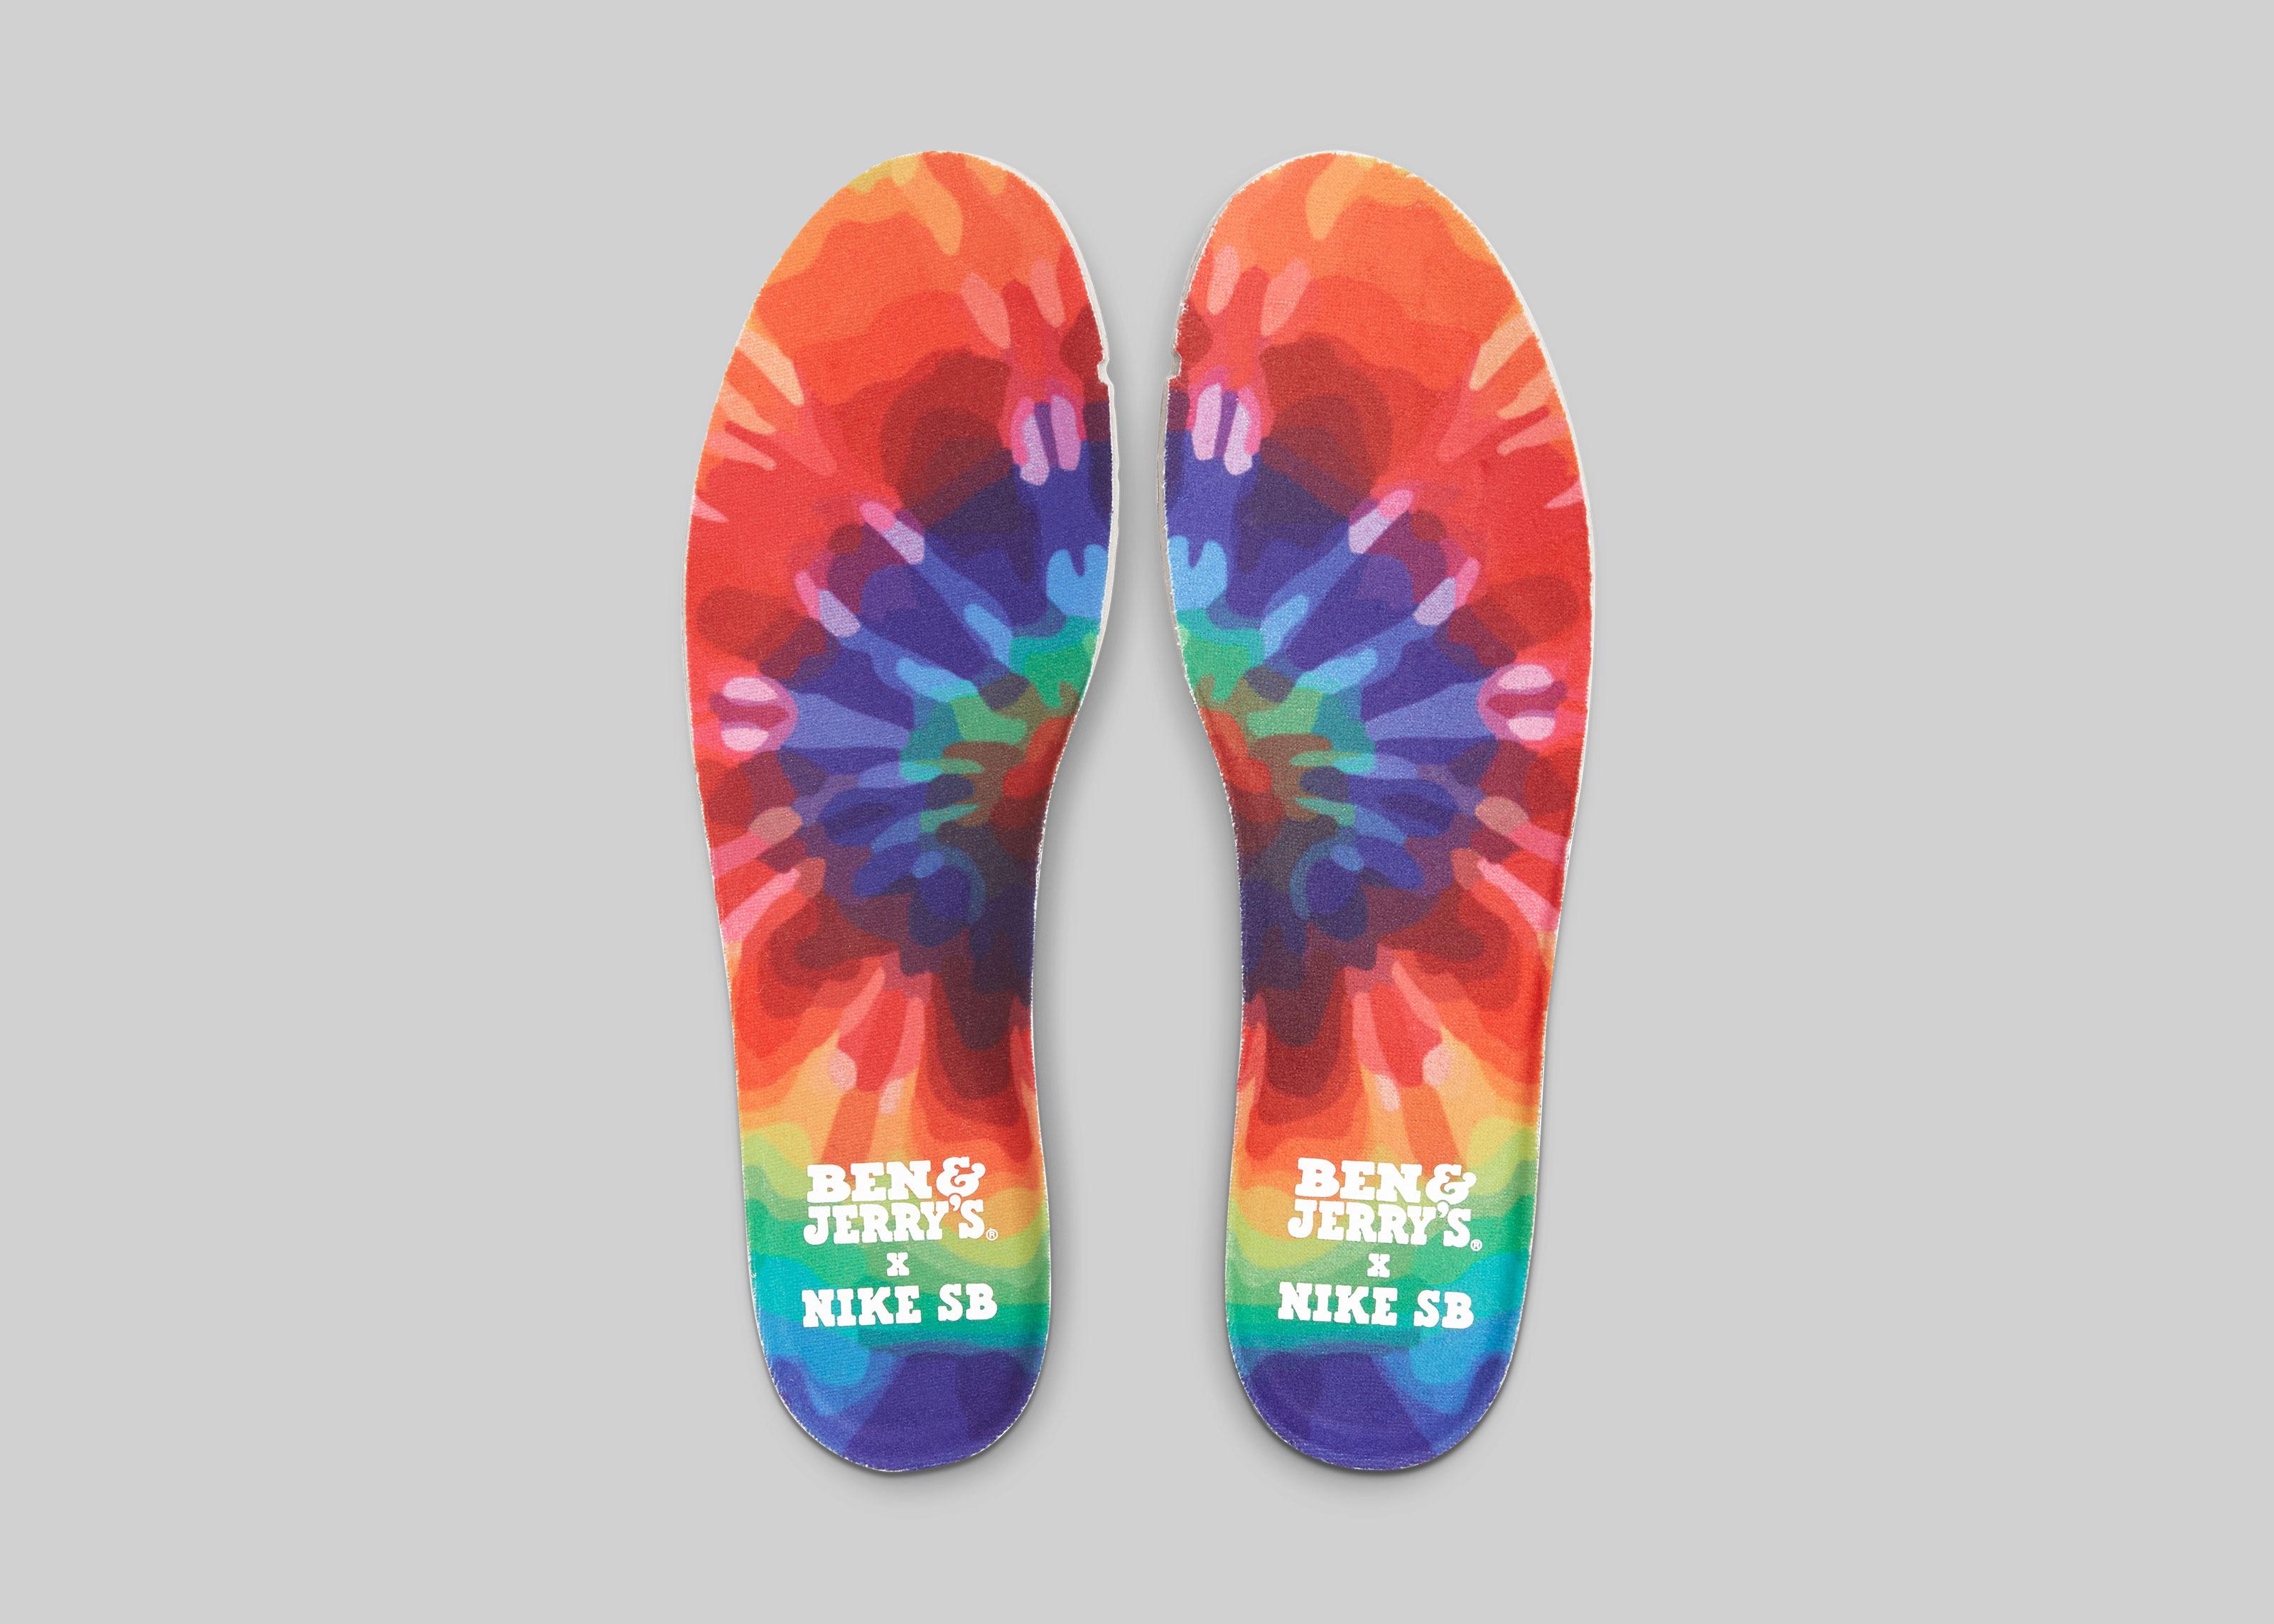 NikeNews_FeaturedFootwear_NikeSB_DunkLowPro_BenJerrys_12_95622